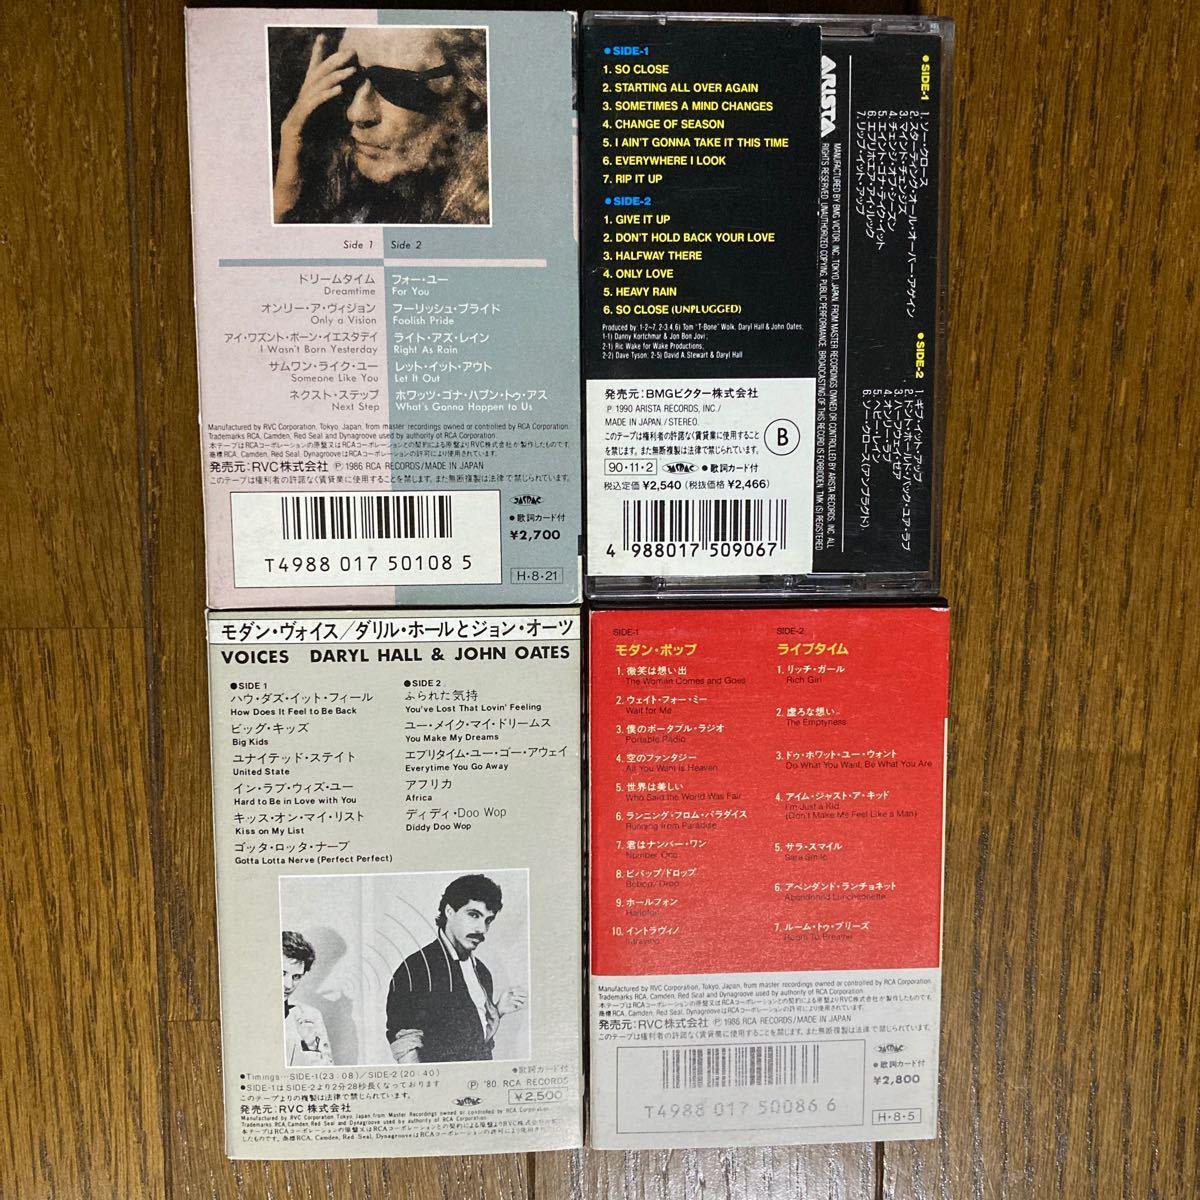 カセットテープ 4つセット 洋楽 ダリル ホール & ジョン オーツ